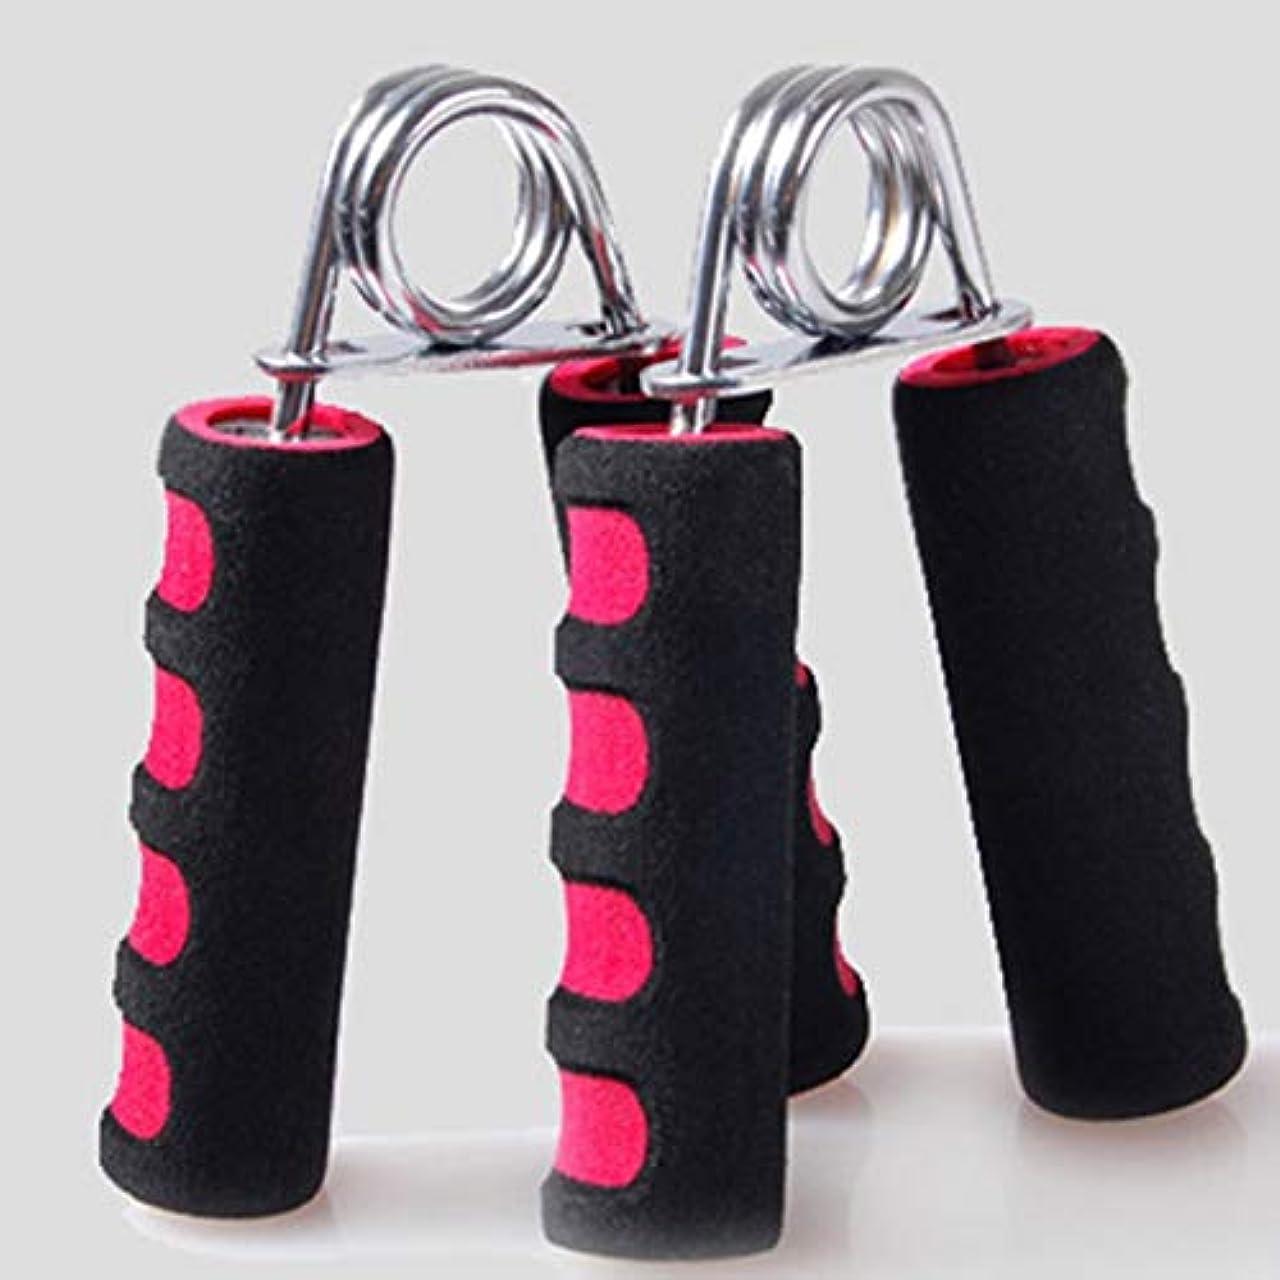 ベッド分数旋回体操および毎日の練習のための手のグリッパーの腕の手首の運動者の適性のグリップの頑丈なトレーナー